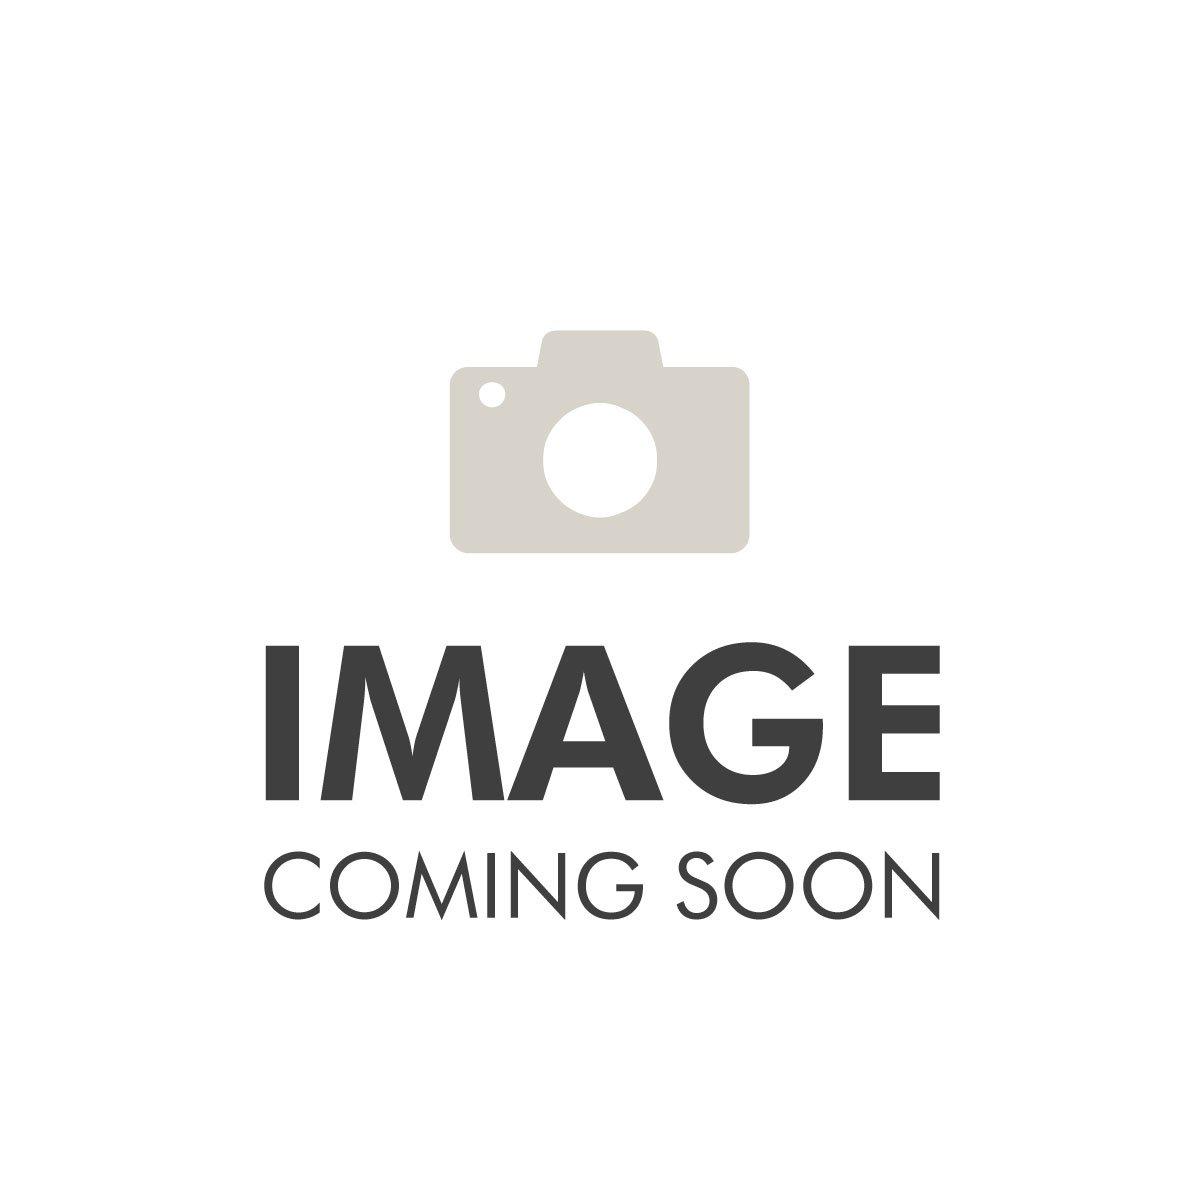 Negrini - Isolateur de coquille de sabre